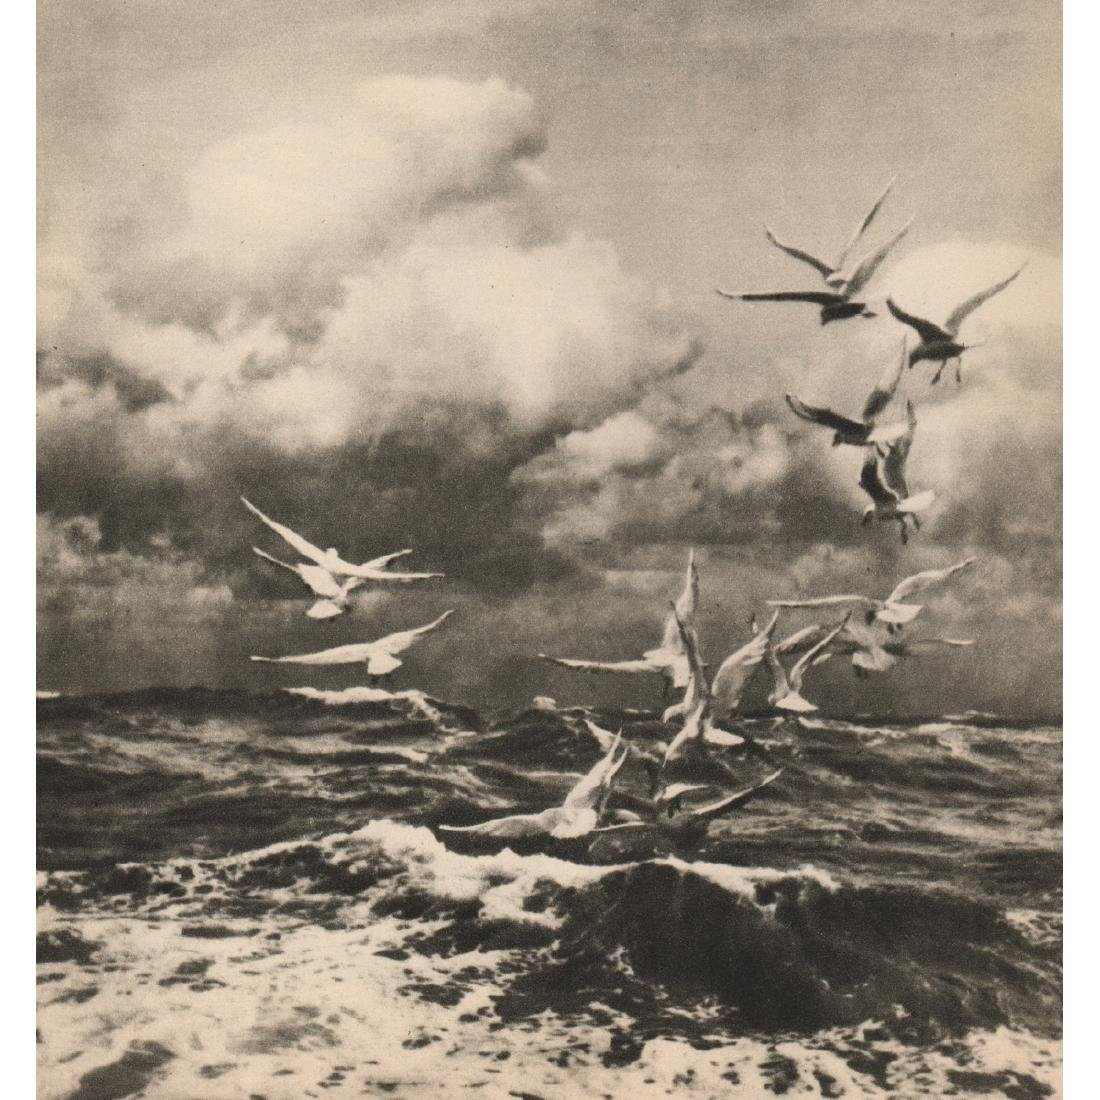 F. J. MORTIMER - A Sea Banquet